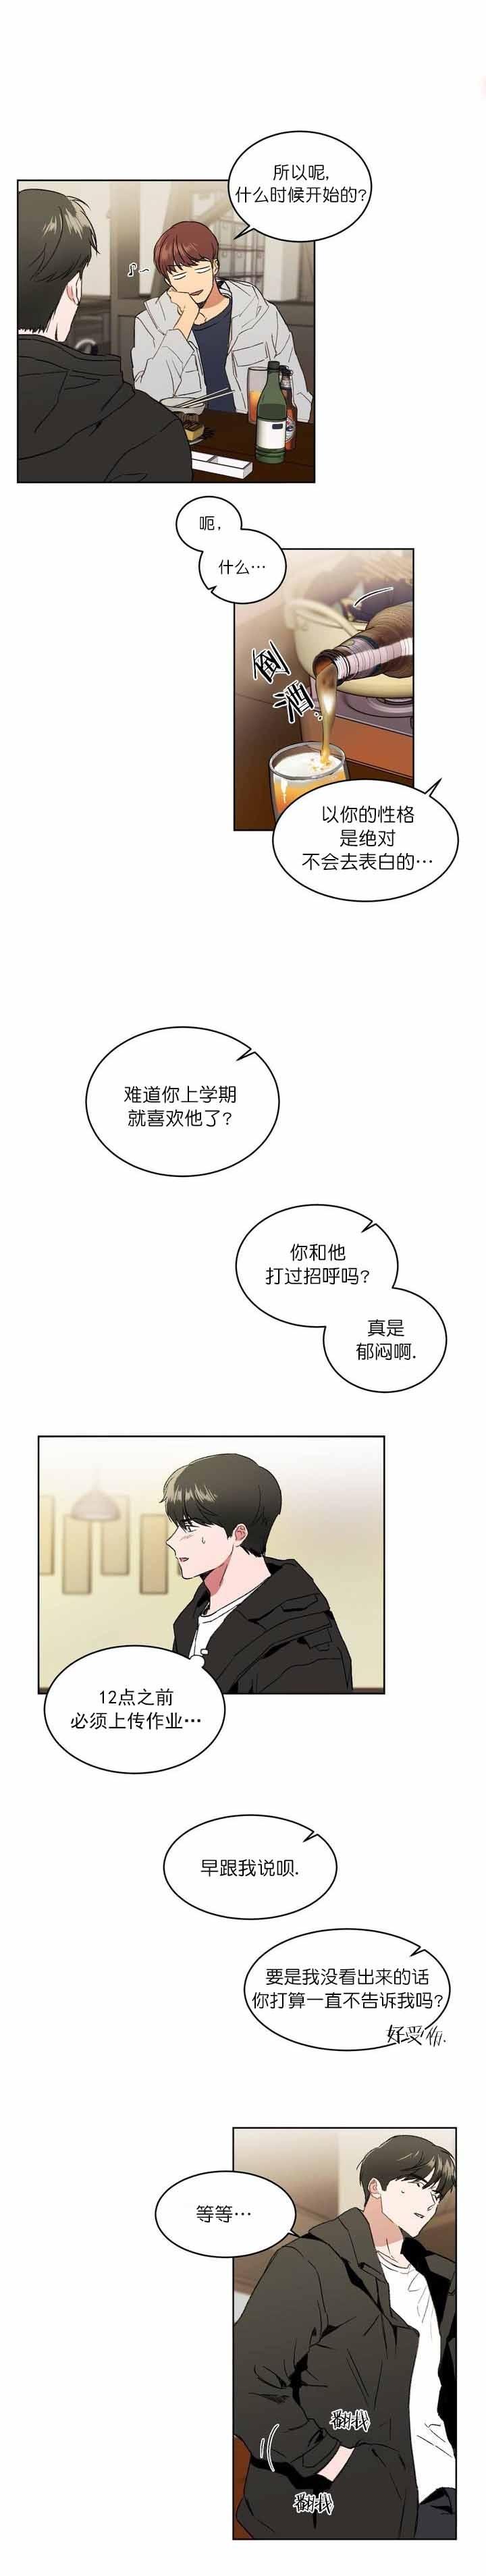 韩漫  《特别讲义》表面清纯师生,背地里叫主人  第5张